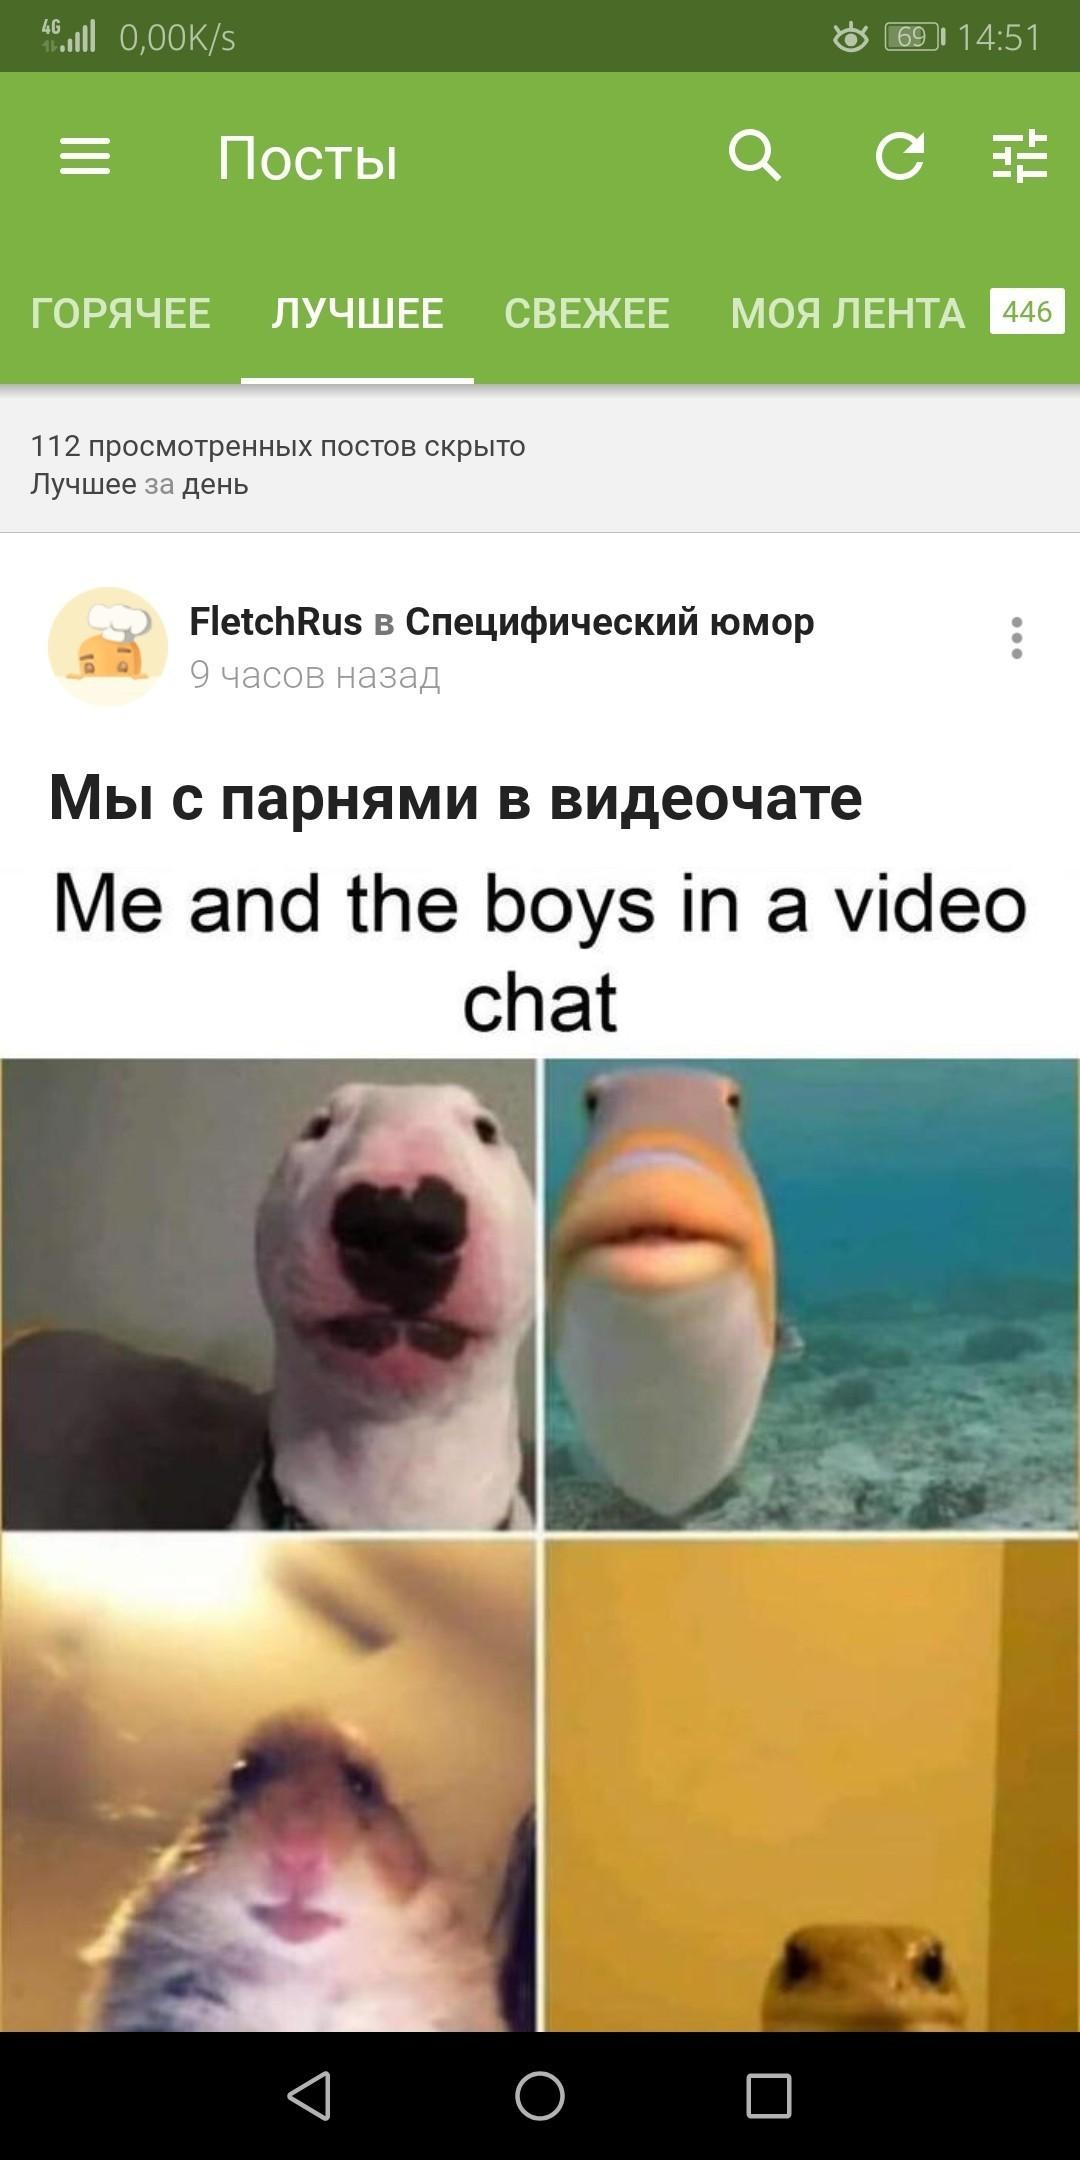 Работа парни видеочат екатерина худякова